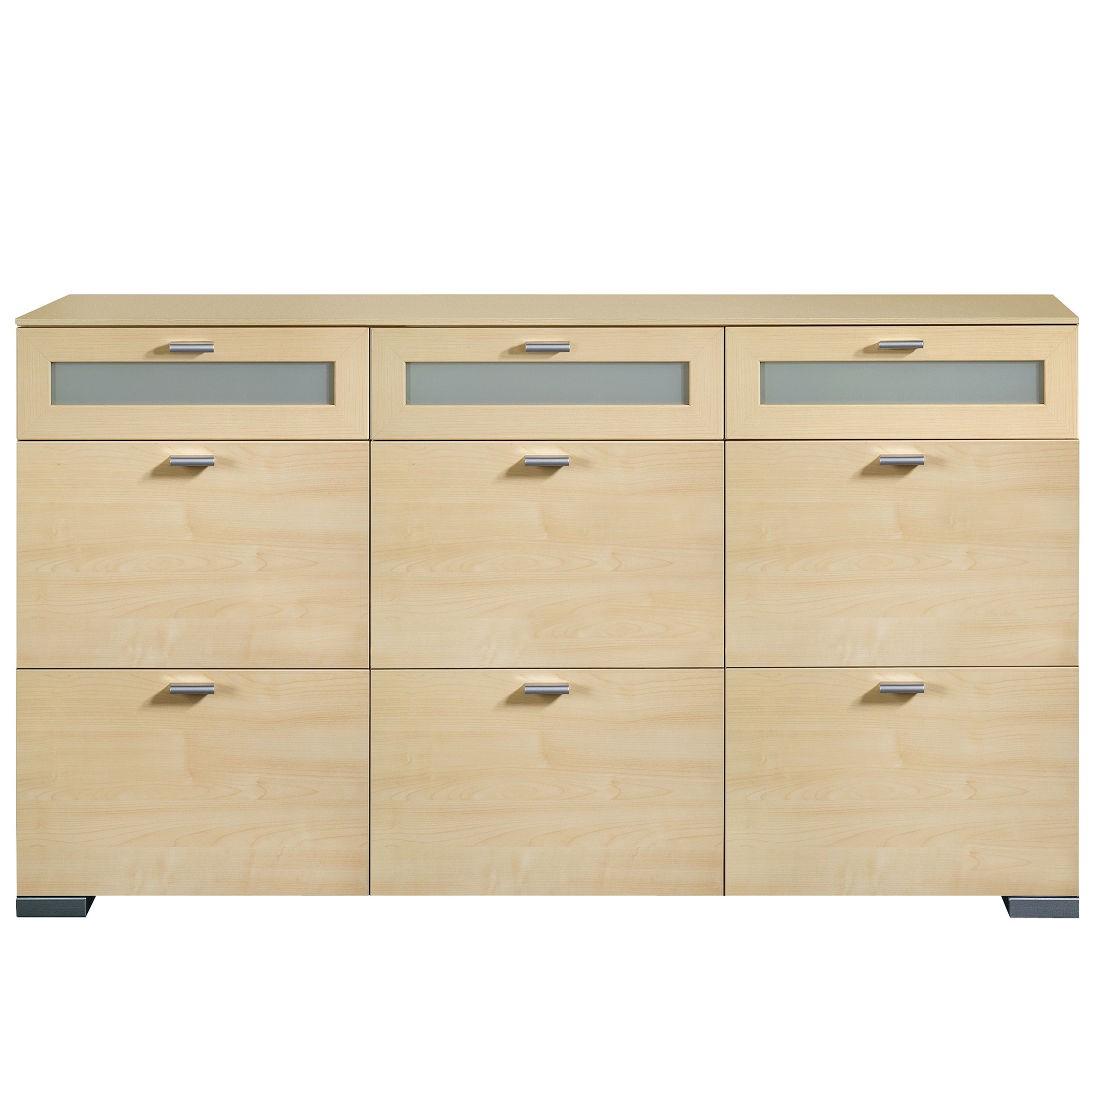 ahorn sideboards preisvergleiche erfahrungsberichte und kauf bei nextag. Black Bedroom Furniture Sets. Home Design Ideas